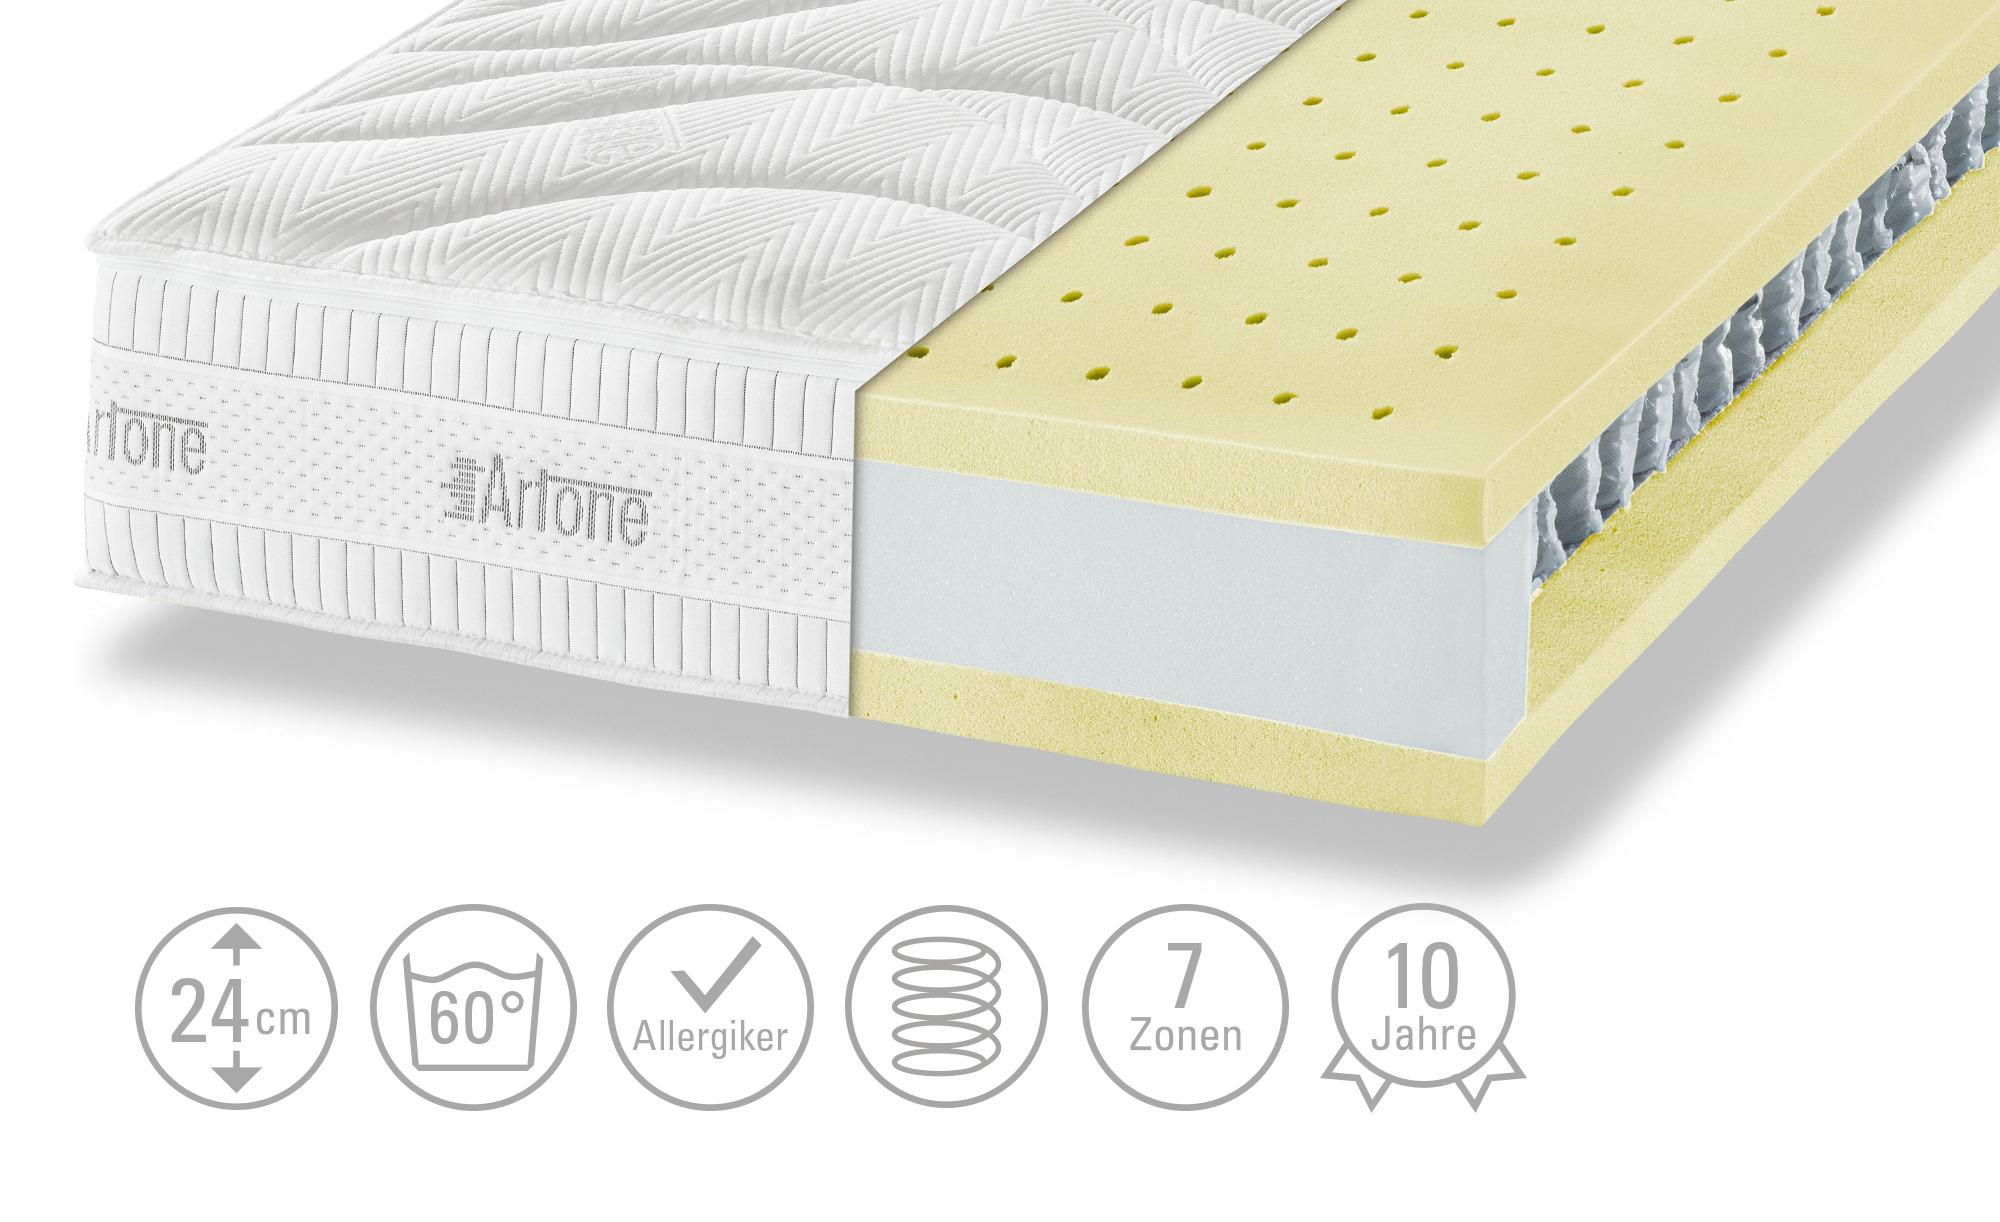 Artone 7-Zonen-Tonnentaschenfederkern-Matratze  Top 1000 B T - weiß - 100 cm - 24 cm - Matratzen & Zubehör > Federkernmatratzen - Möbel Kraft   Schlafzimmer > Matratzen > Federkernmatratzen   Artone